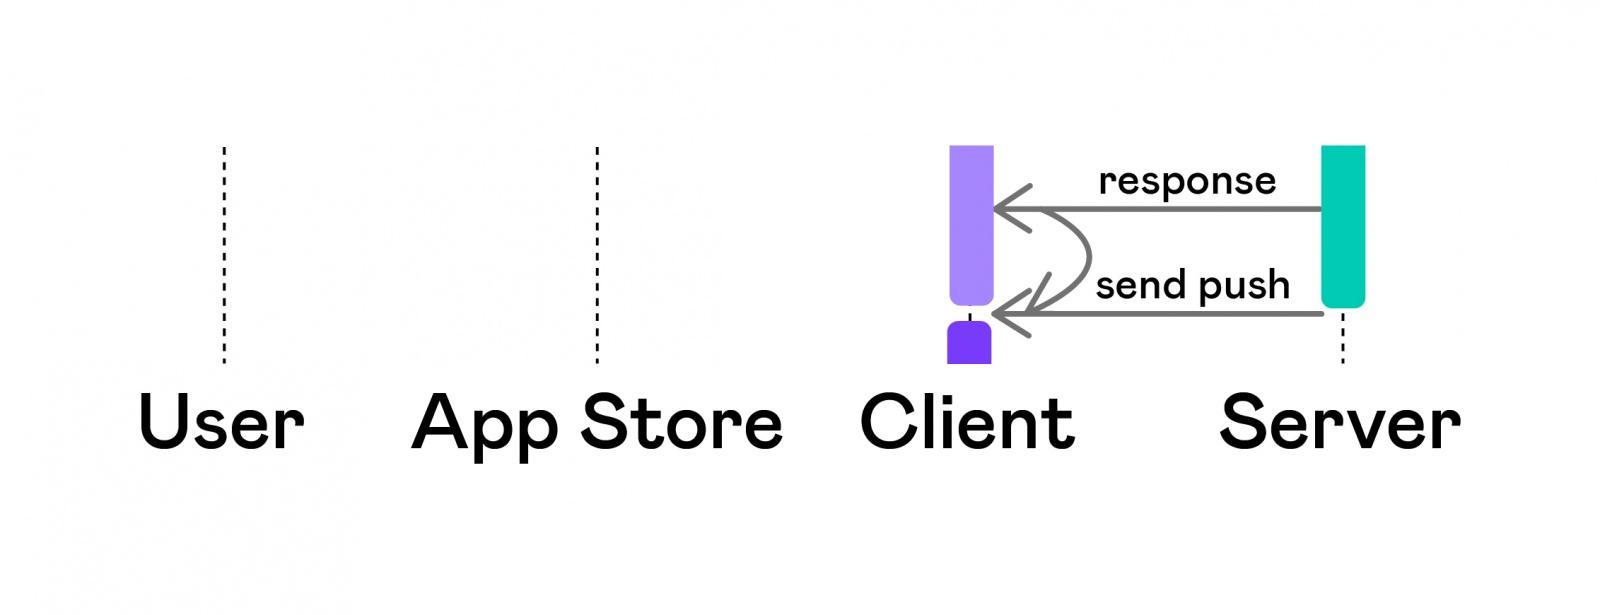 Автоматизация тестирования платных сервисов на iOS - 7